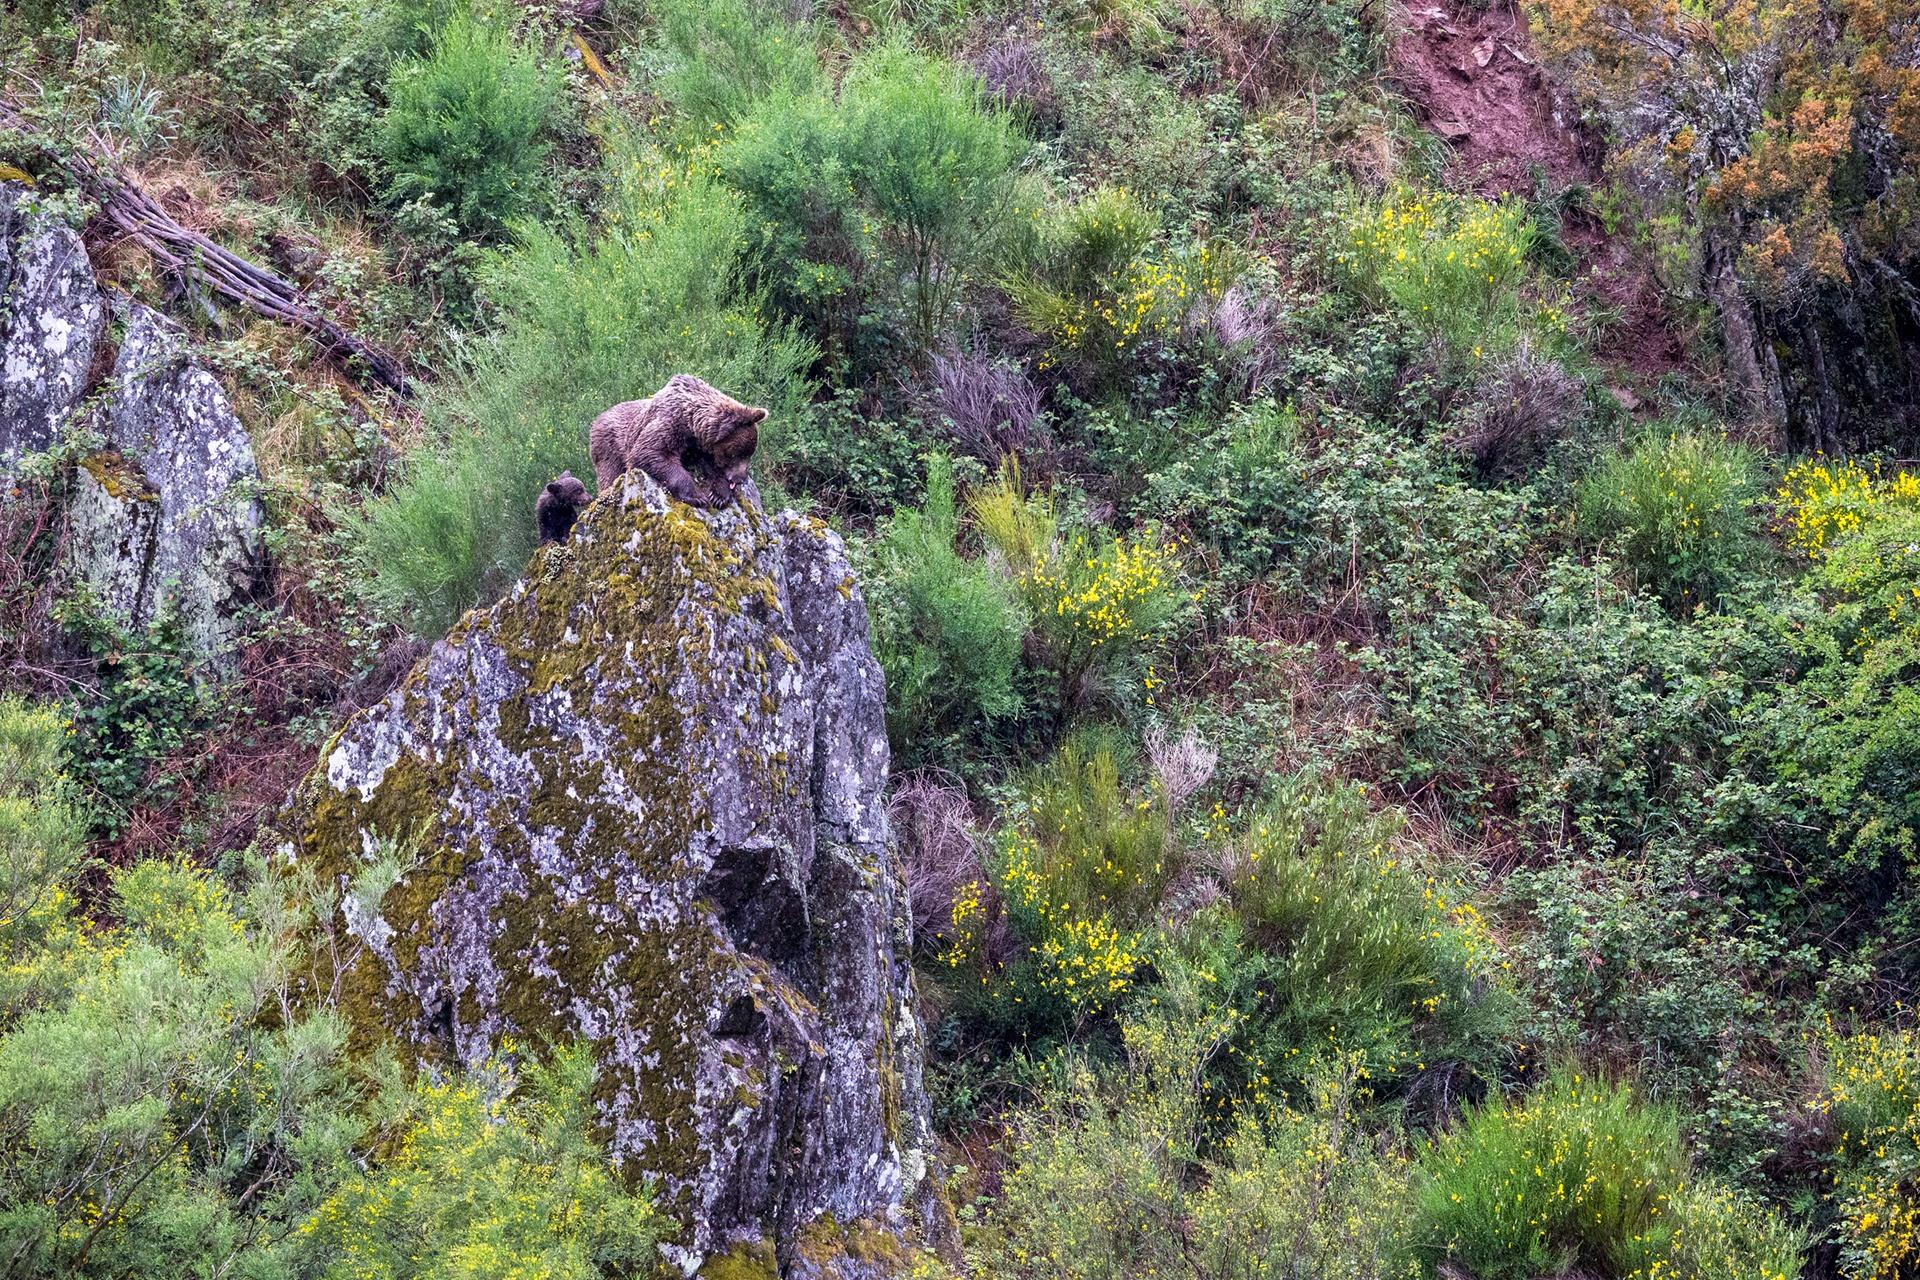 Celso Álvarez Martínez-Oso cantábrico - 2019 - AFONAS, Asociación de Fotografos de Naturaleza de Asturias